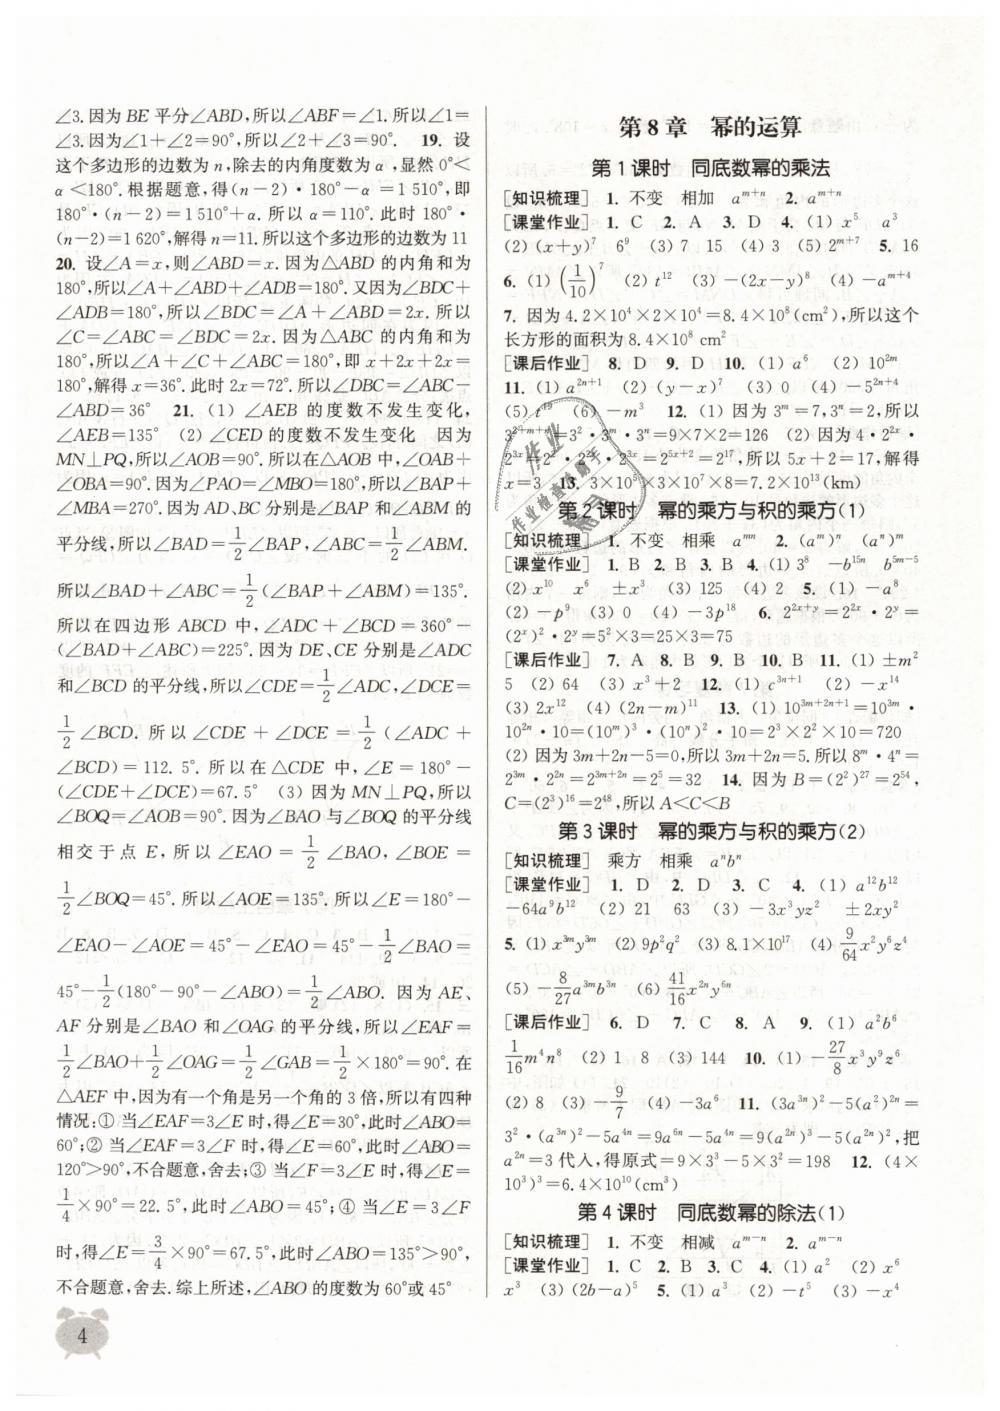 2019年通城学典课时作业本七年级数学下册苏科版江苏专用第4页